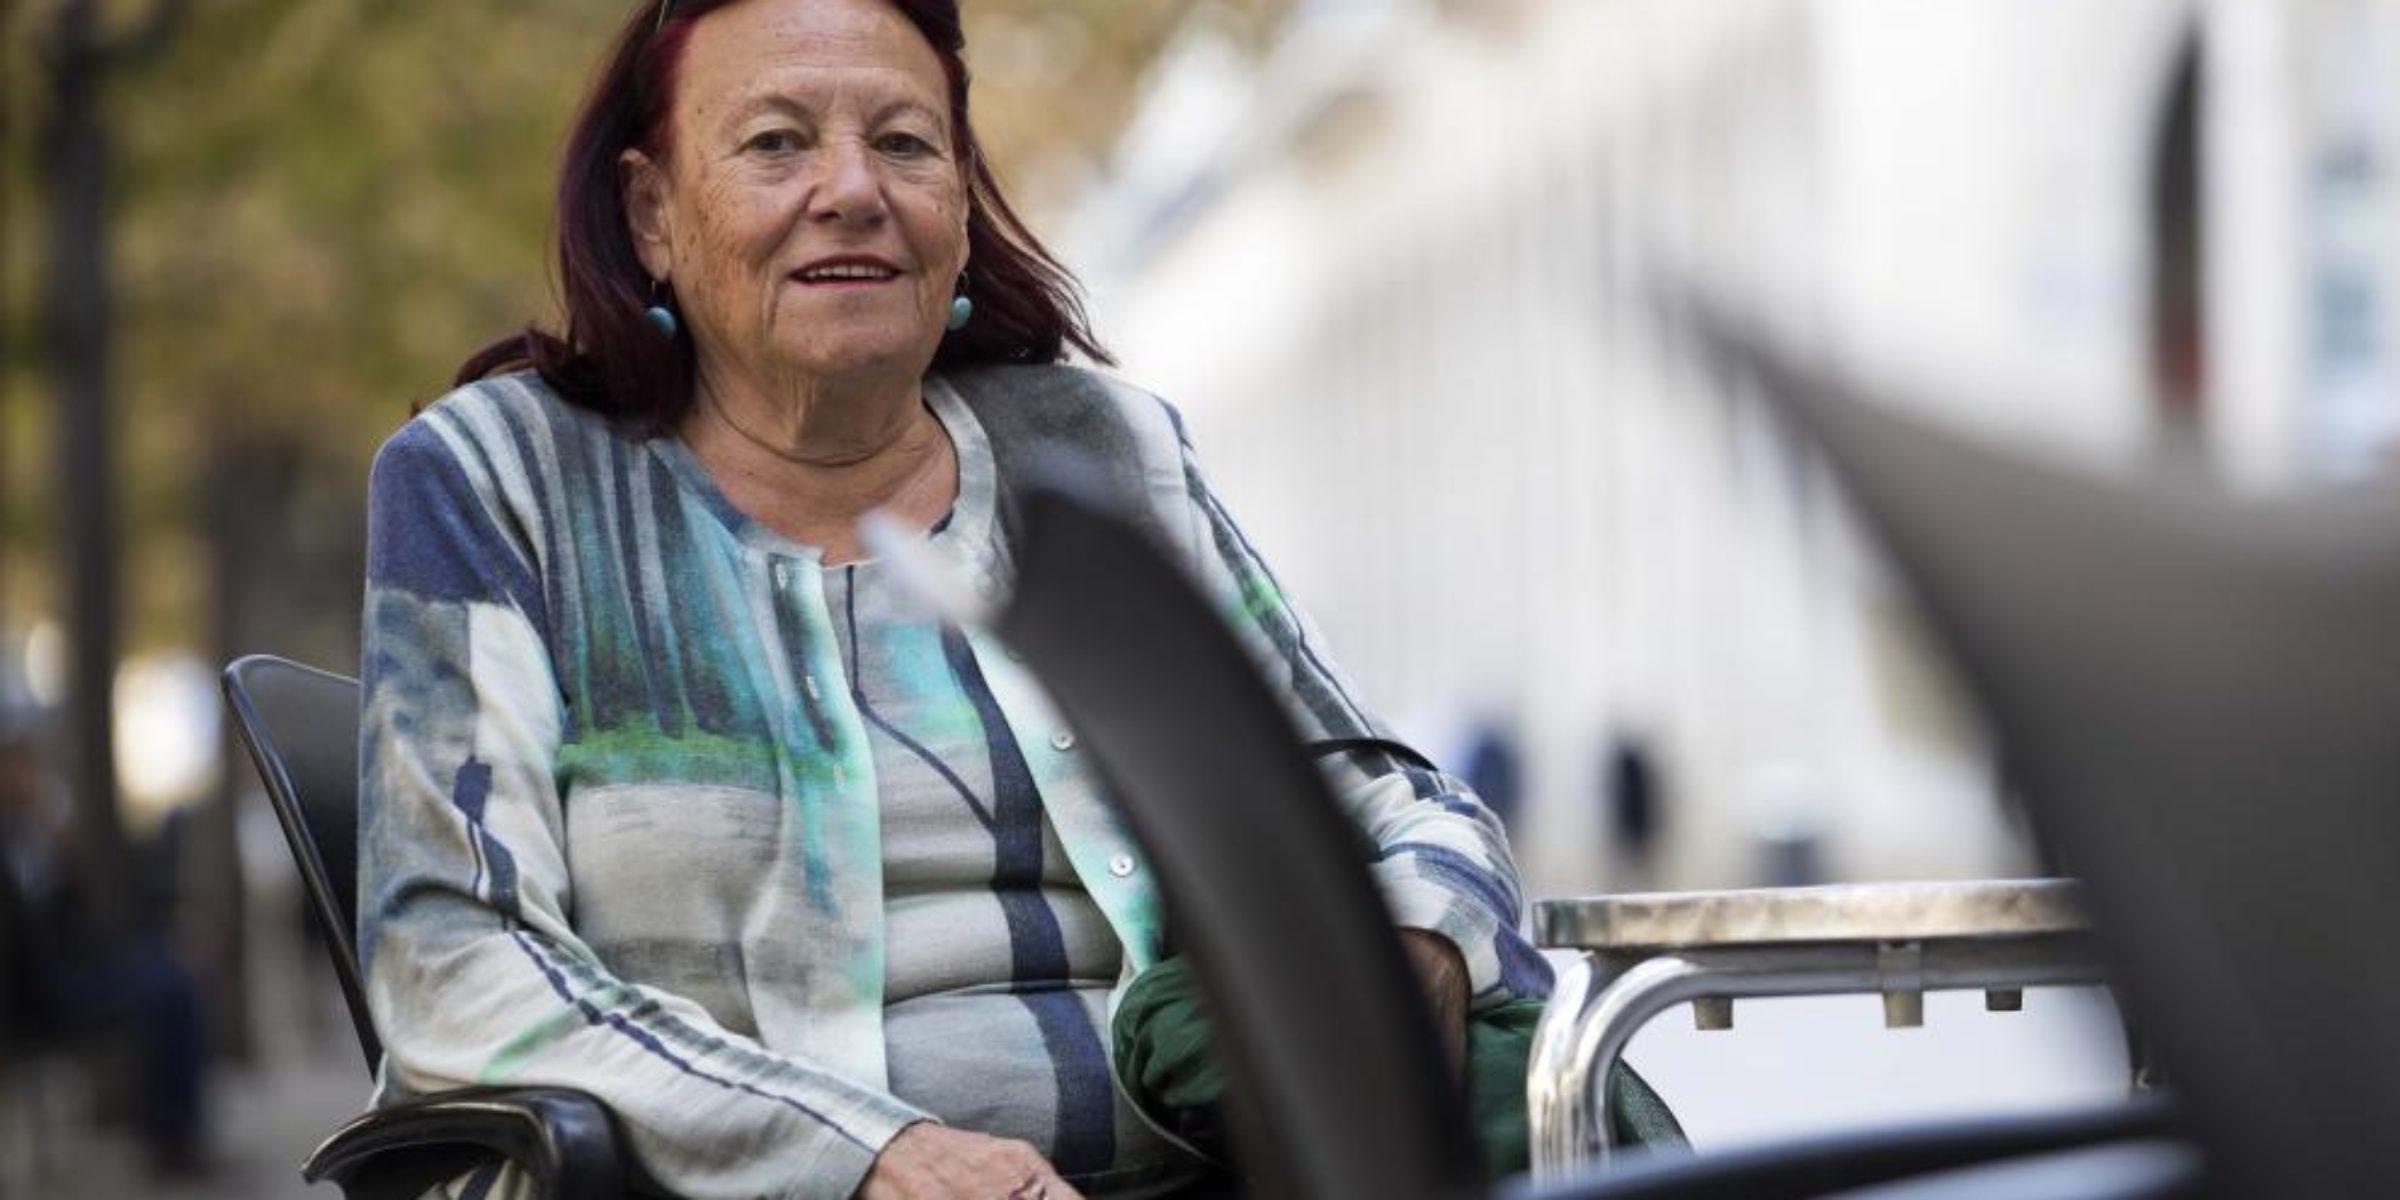 Entrevista a Marga Iñiguez en el Heraldo de Aragón